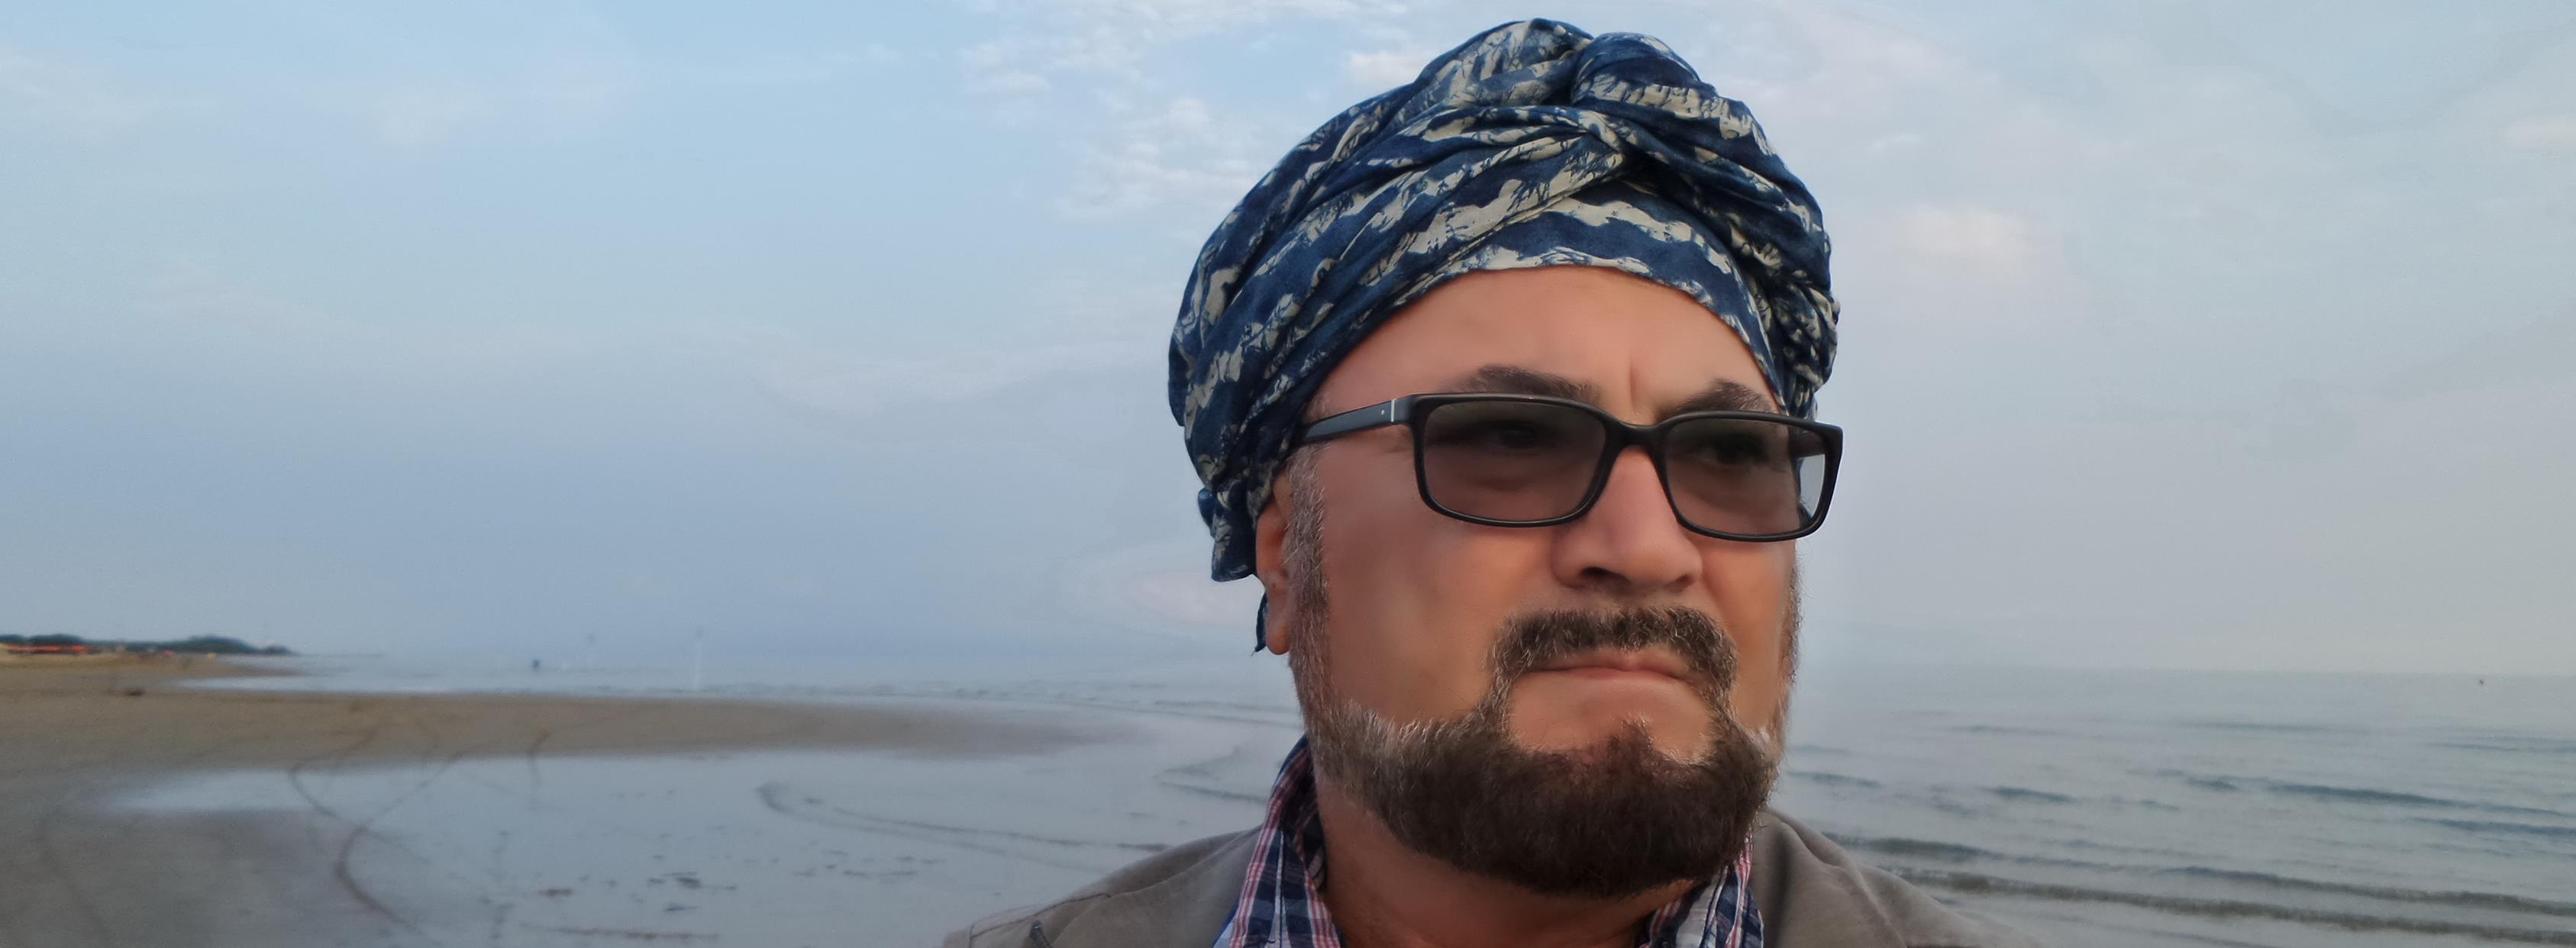 Shkrimtari Shpend Sollaku Noé në Bibione